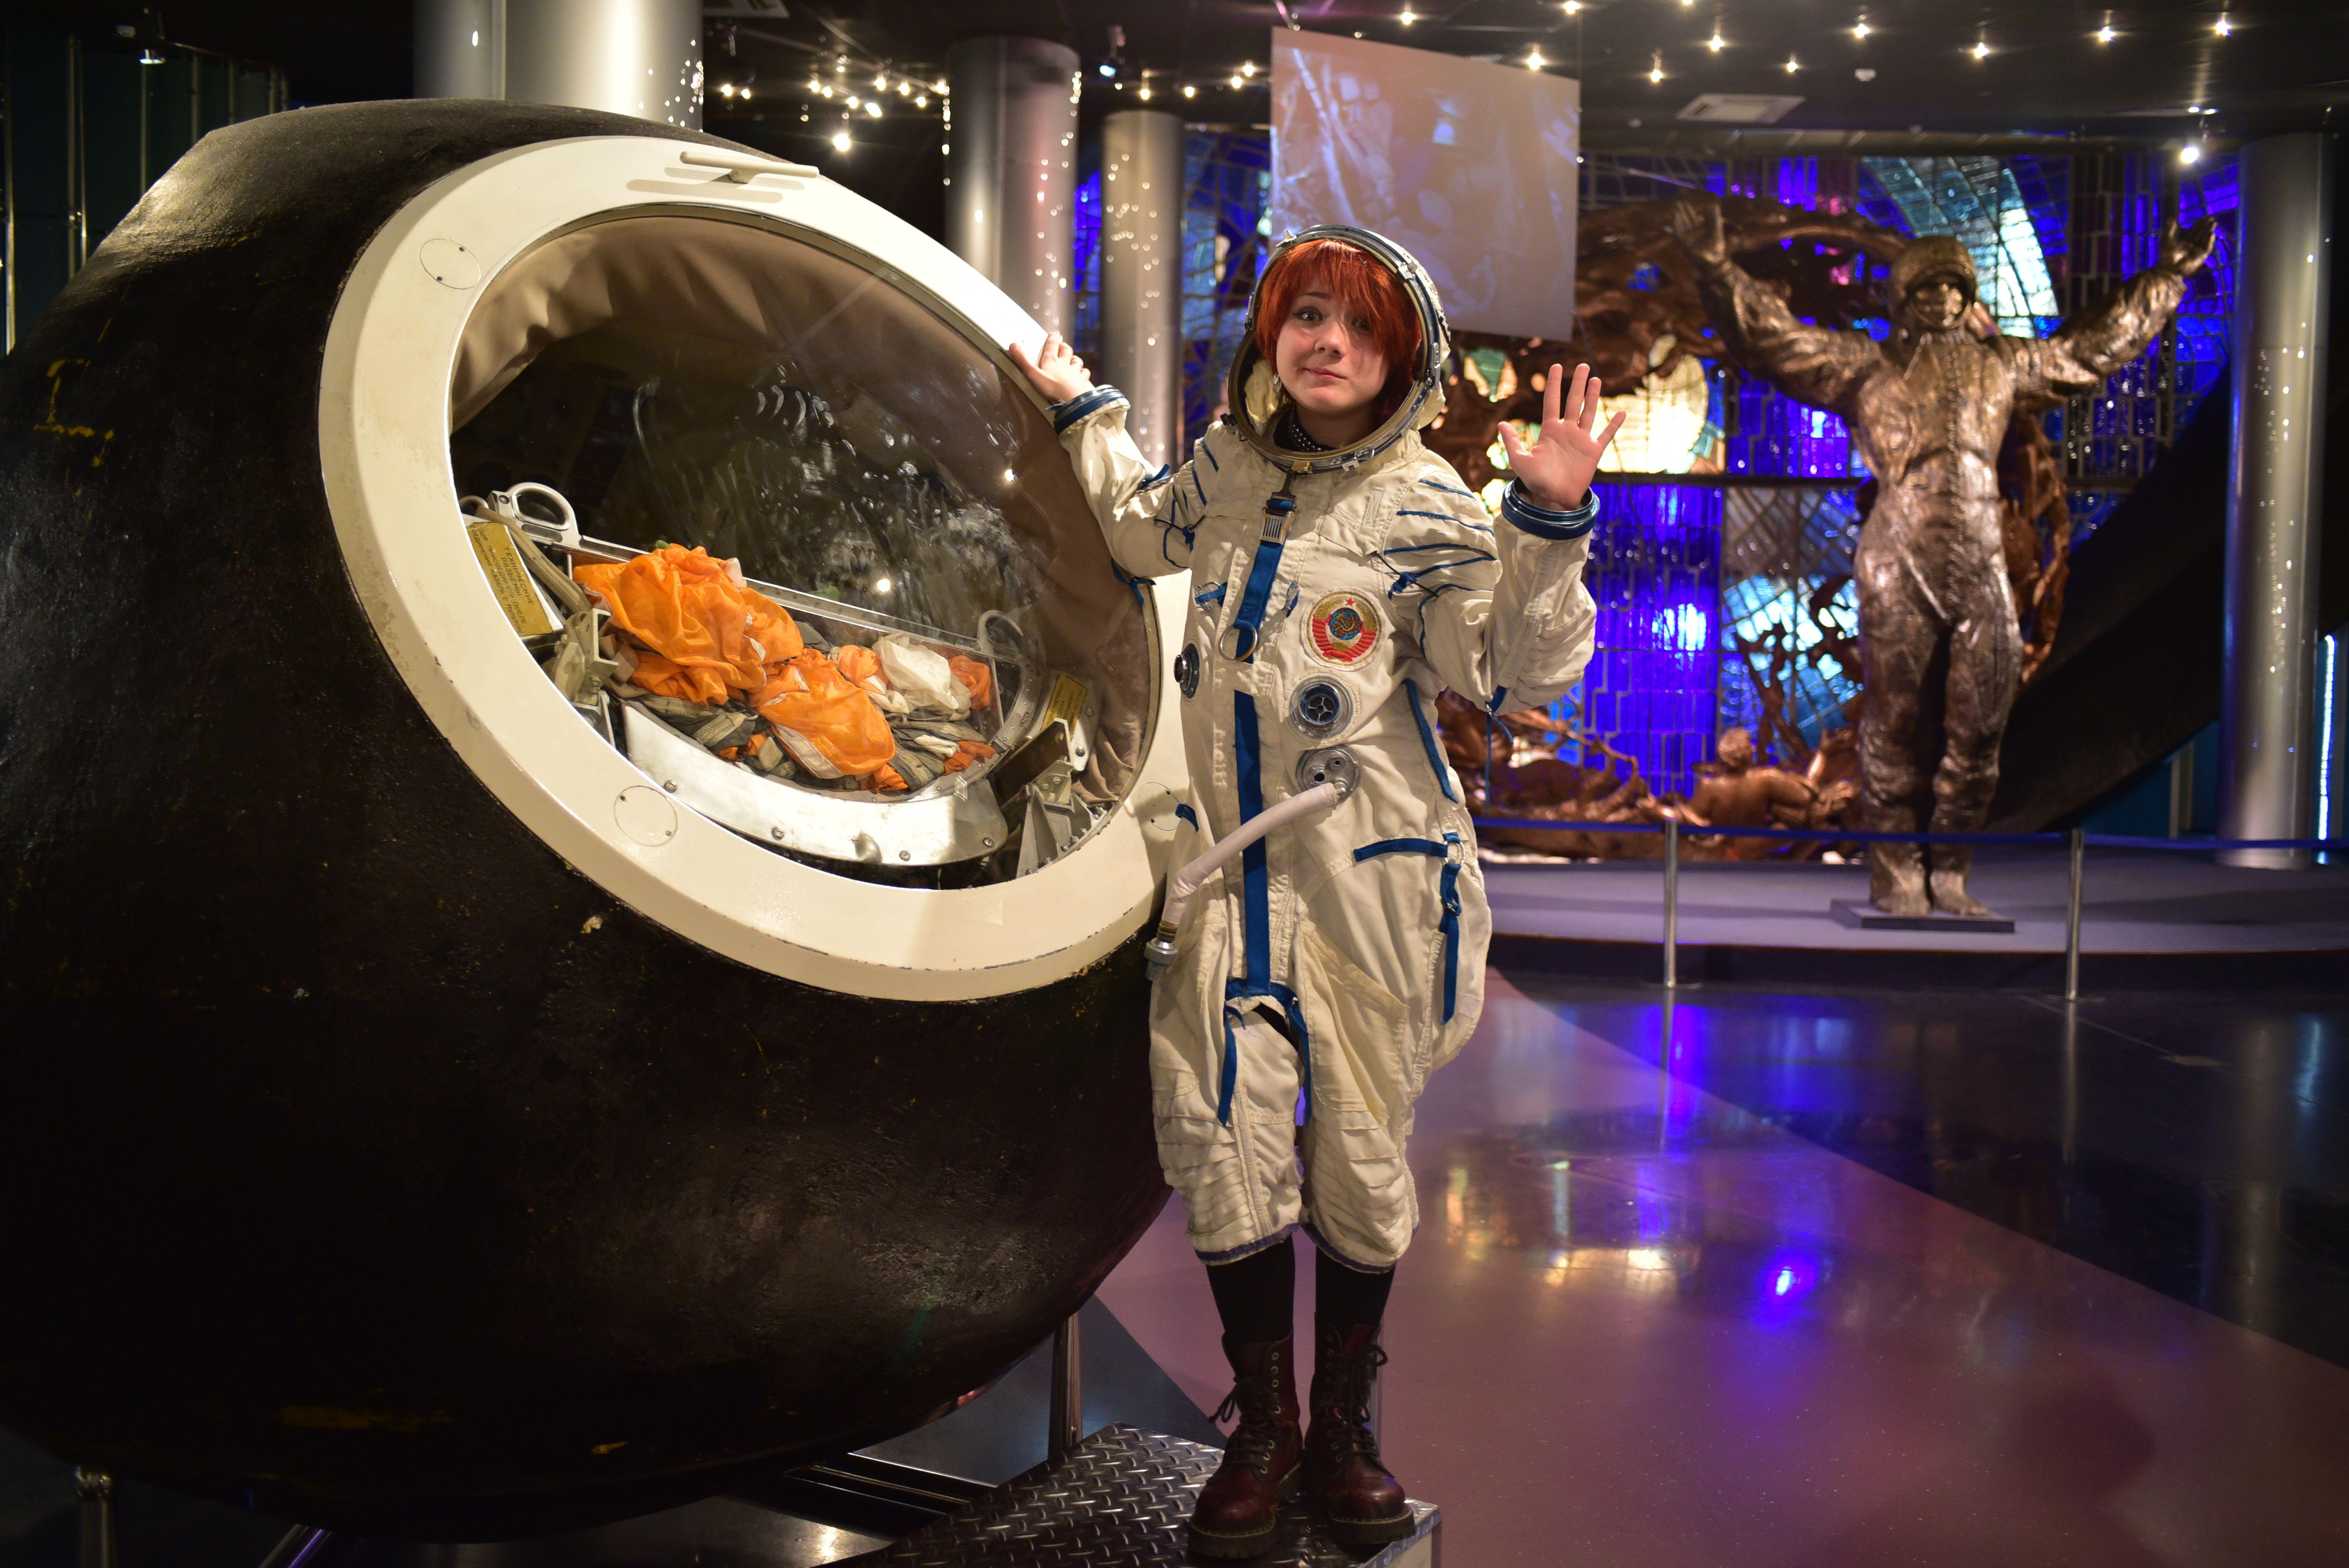 Самым популярным стал Музей космонавтики. Фото: Антон Гердо